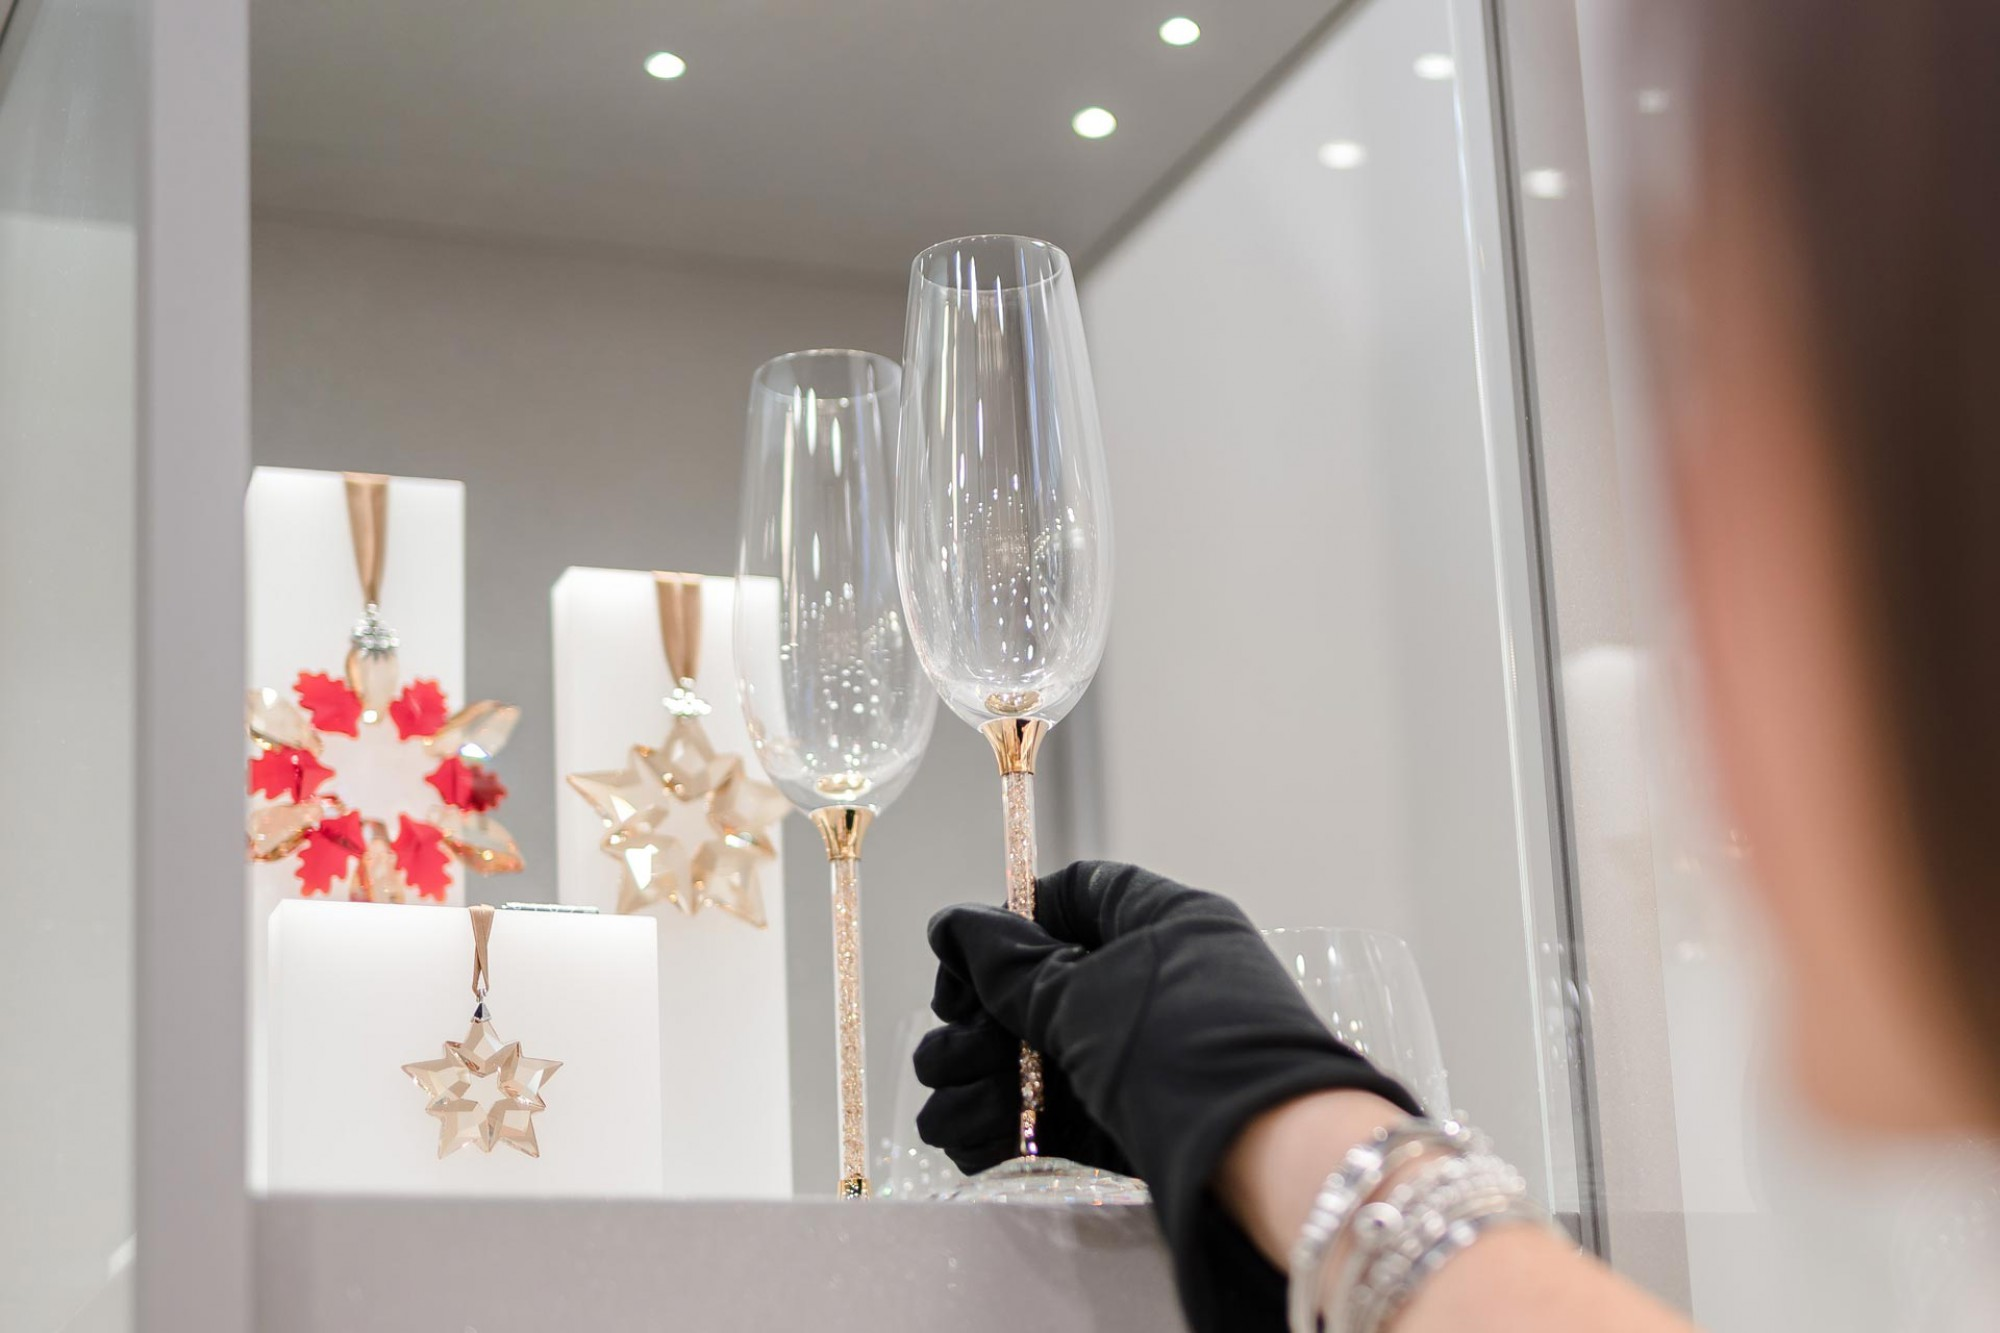 gioielleria eurobijoux oggettistica accessori